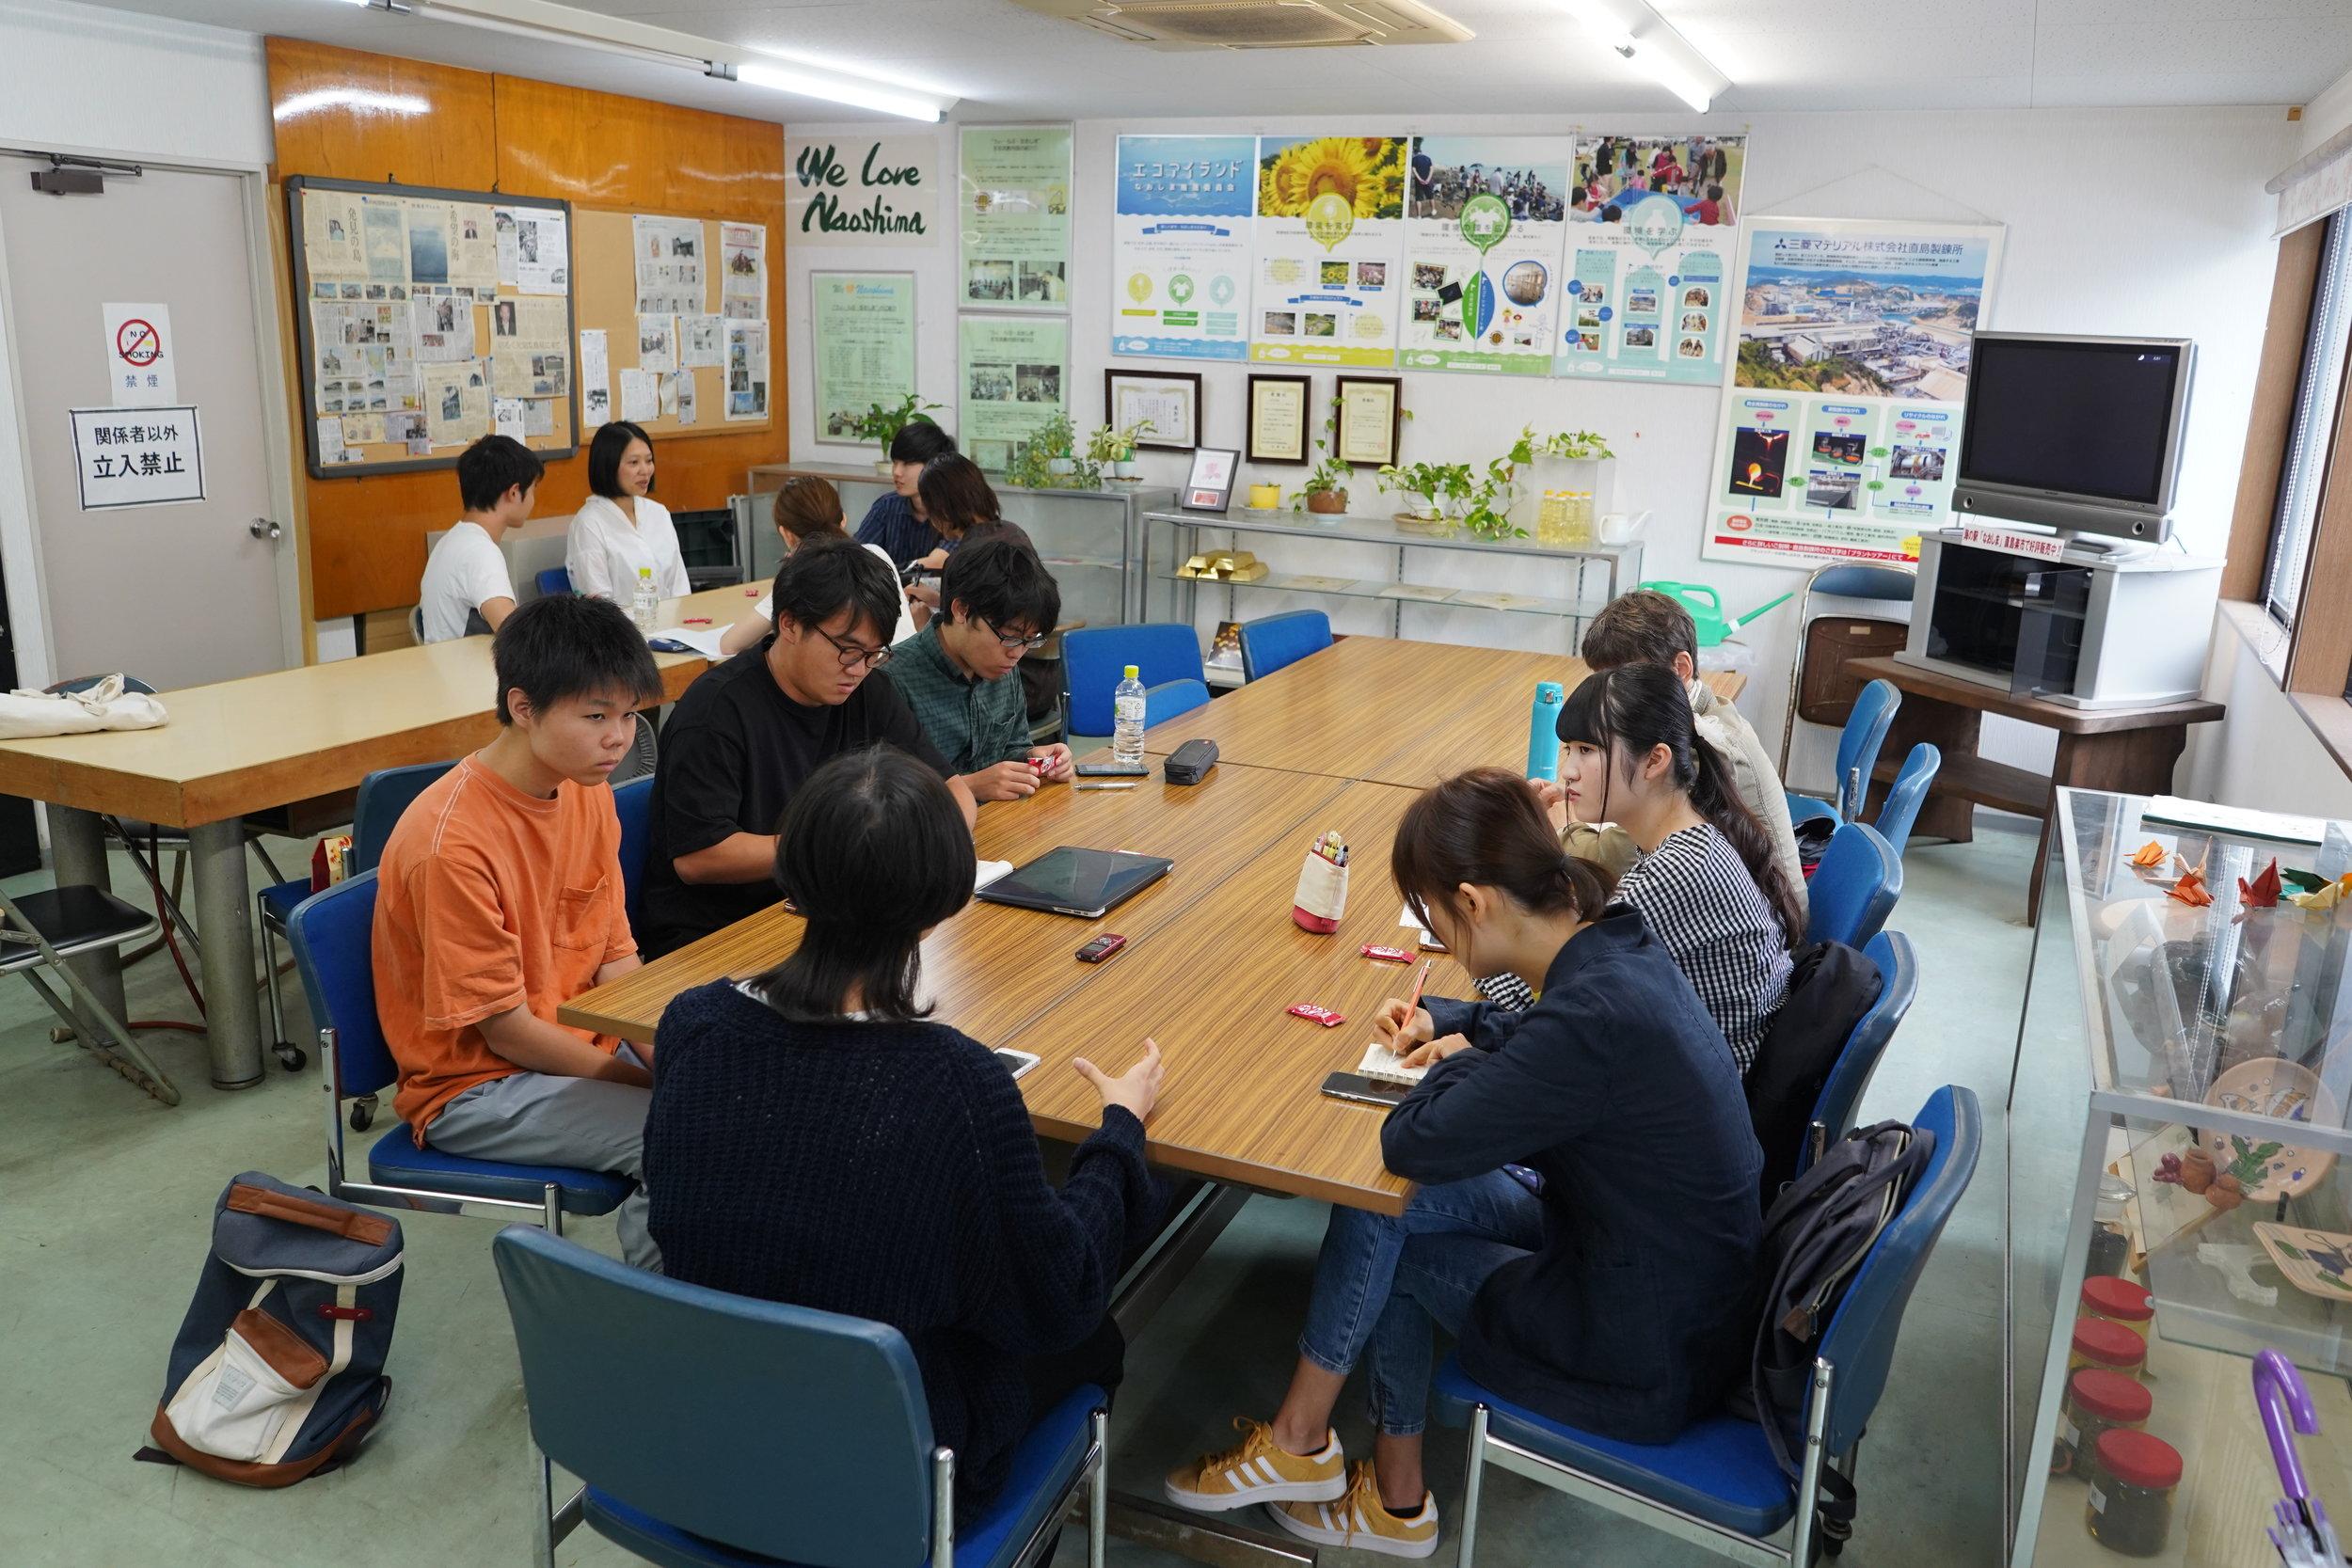 直島町役場から観光担当者と移住担当者に来てもらい、色々な経験を聞きました。 Students heard personal experiences from town staff who support tourism and in-migration on Naoshima.